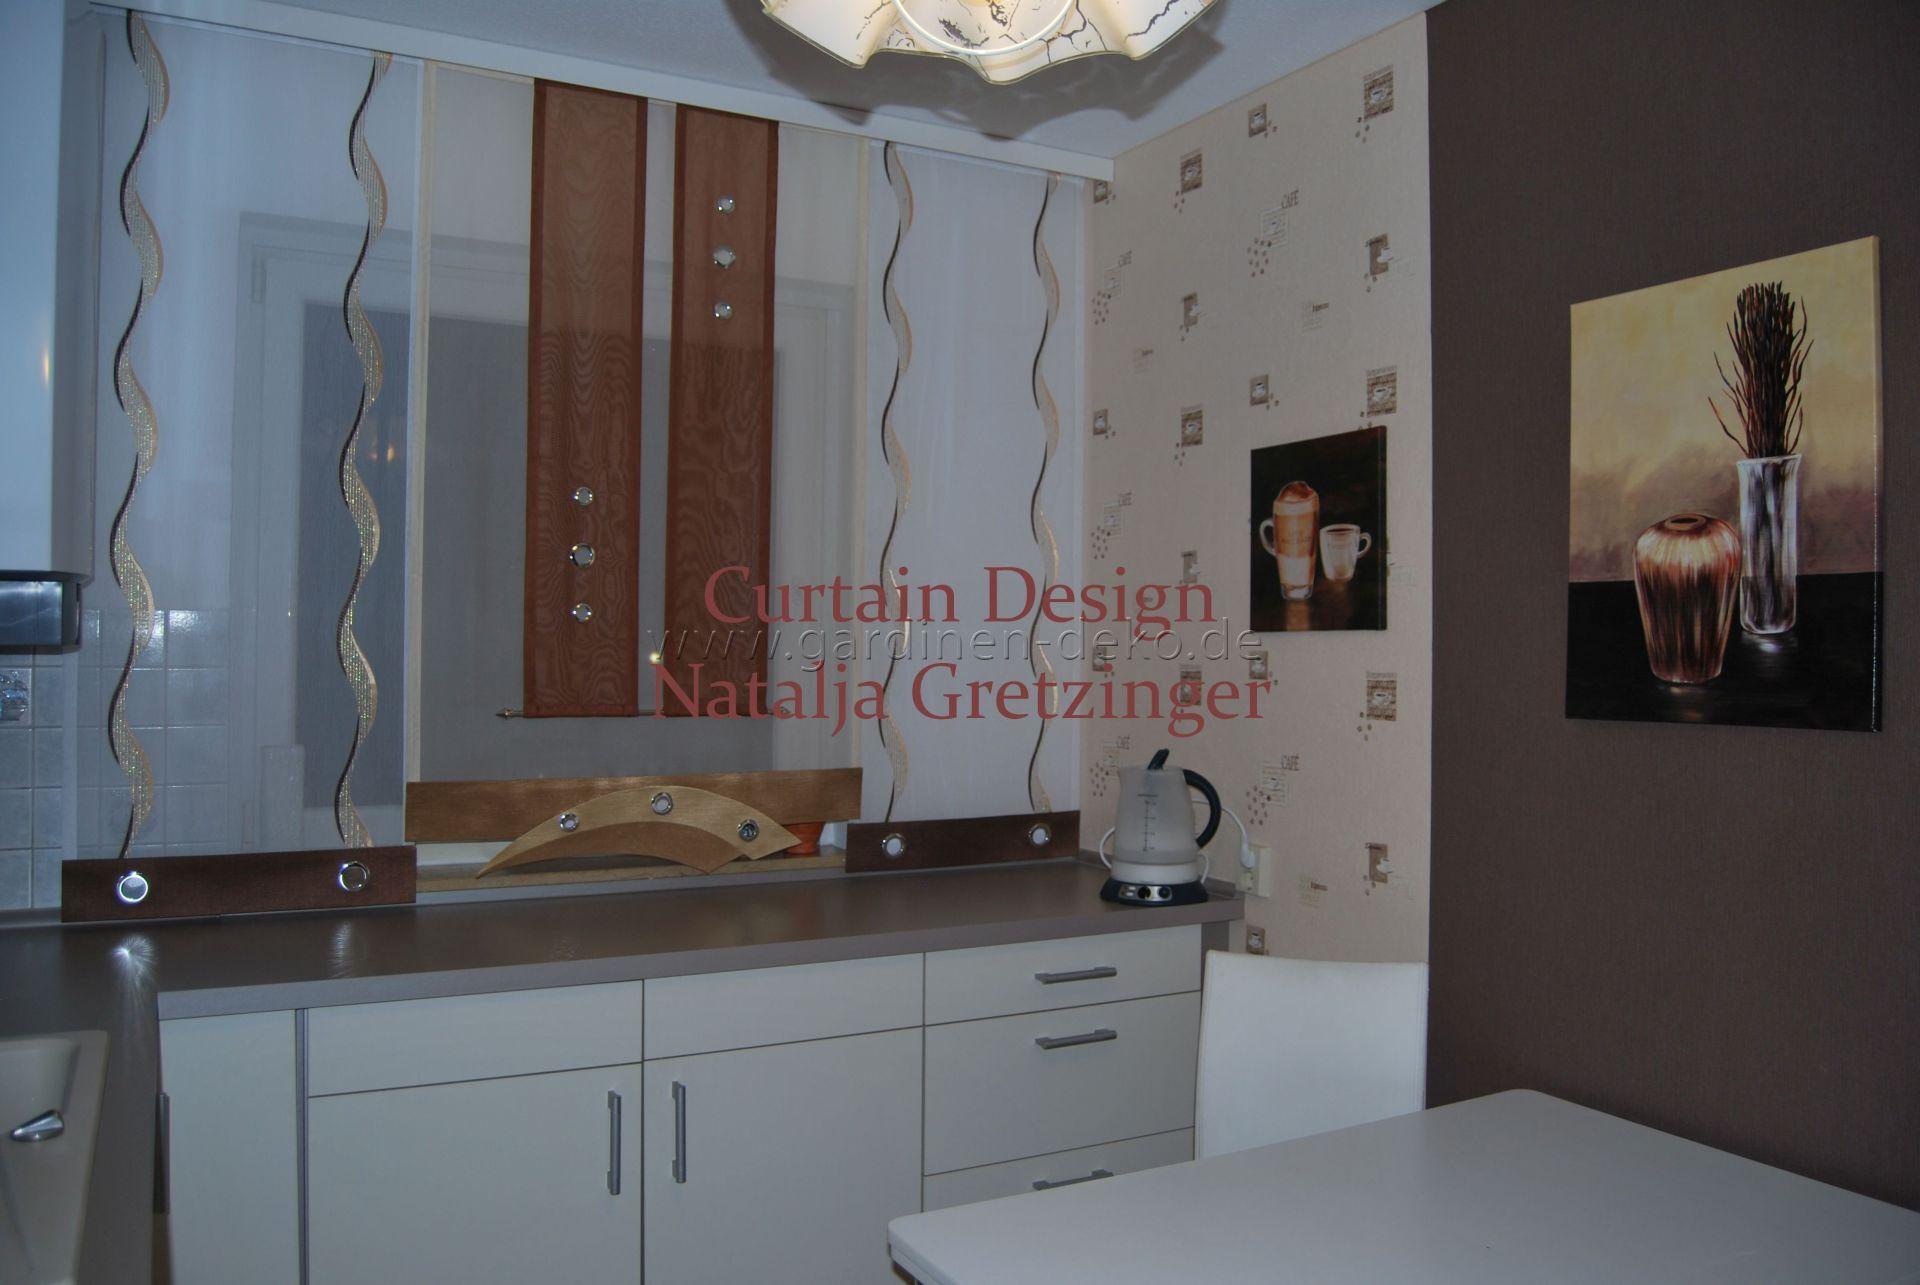 schiebe gardine im modernen design für die küche - http://www ... - Moderne Küche Gardinen